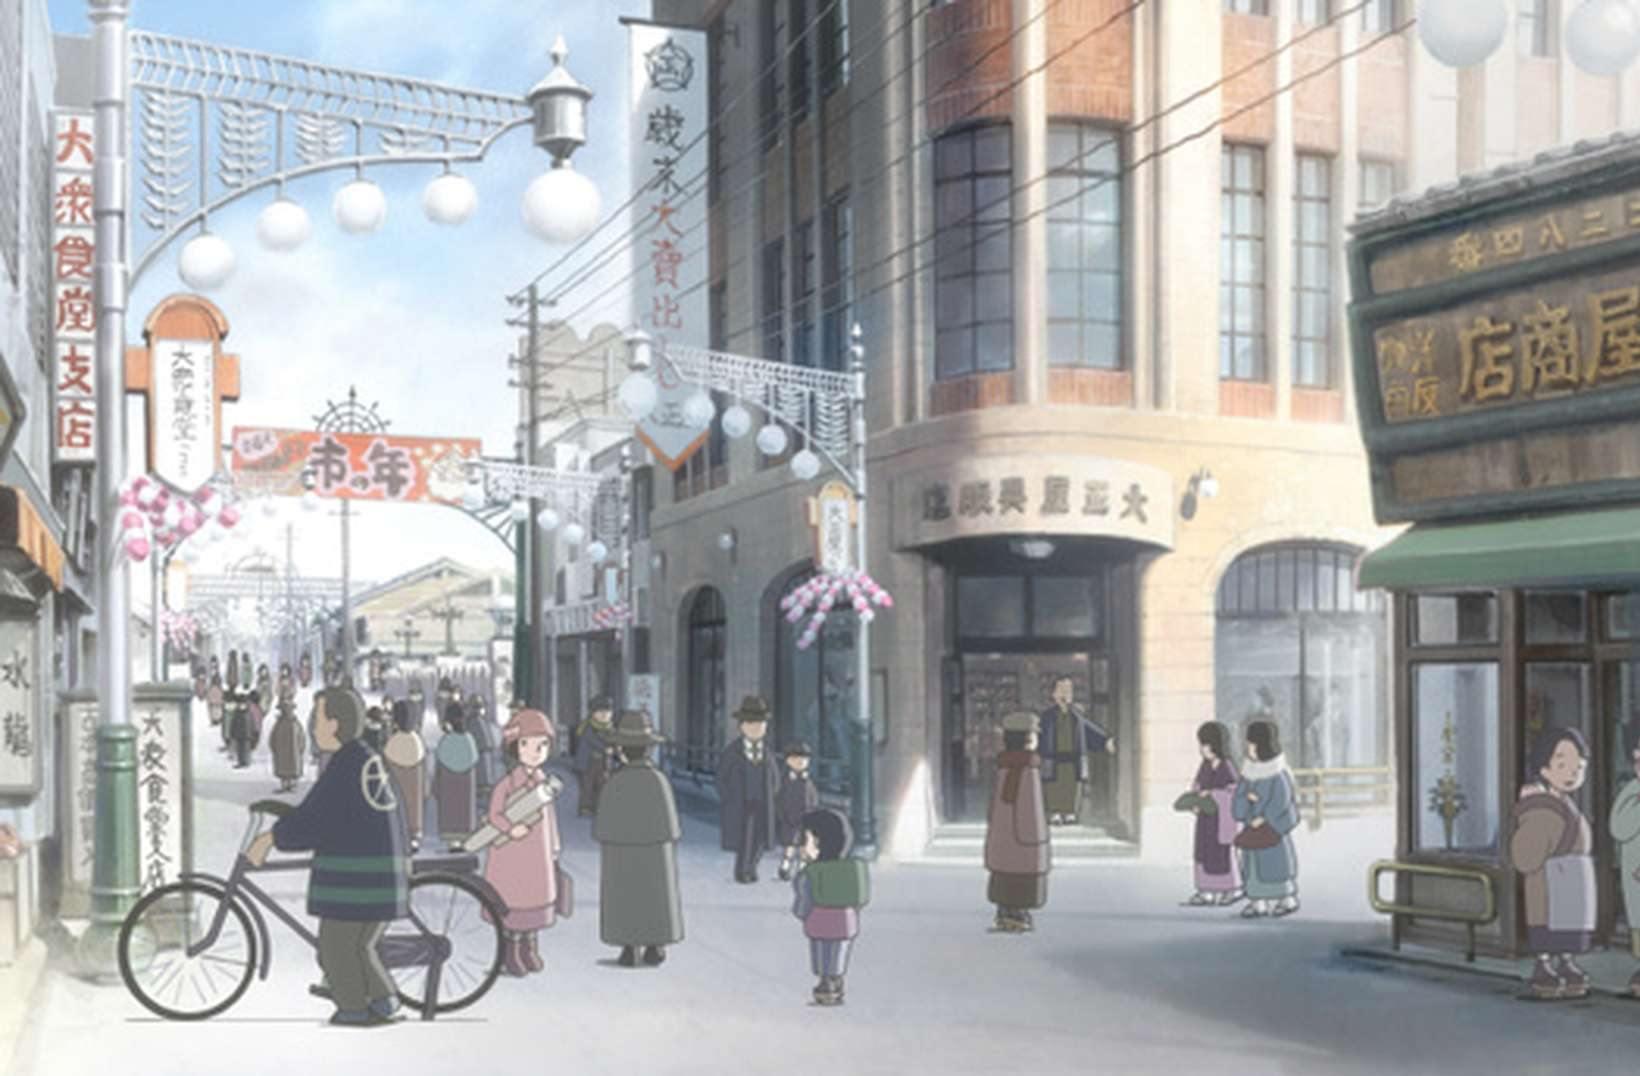 作品で描かれた広島市の中島本町。中央の大正屋呉服店は、現在も建物が残る(C)こうの史代・双葉社/「この世界の片隅に」製作委員会